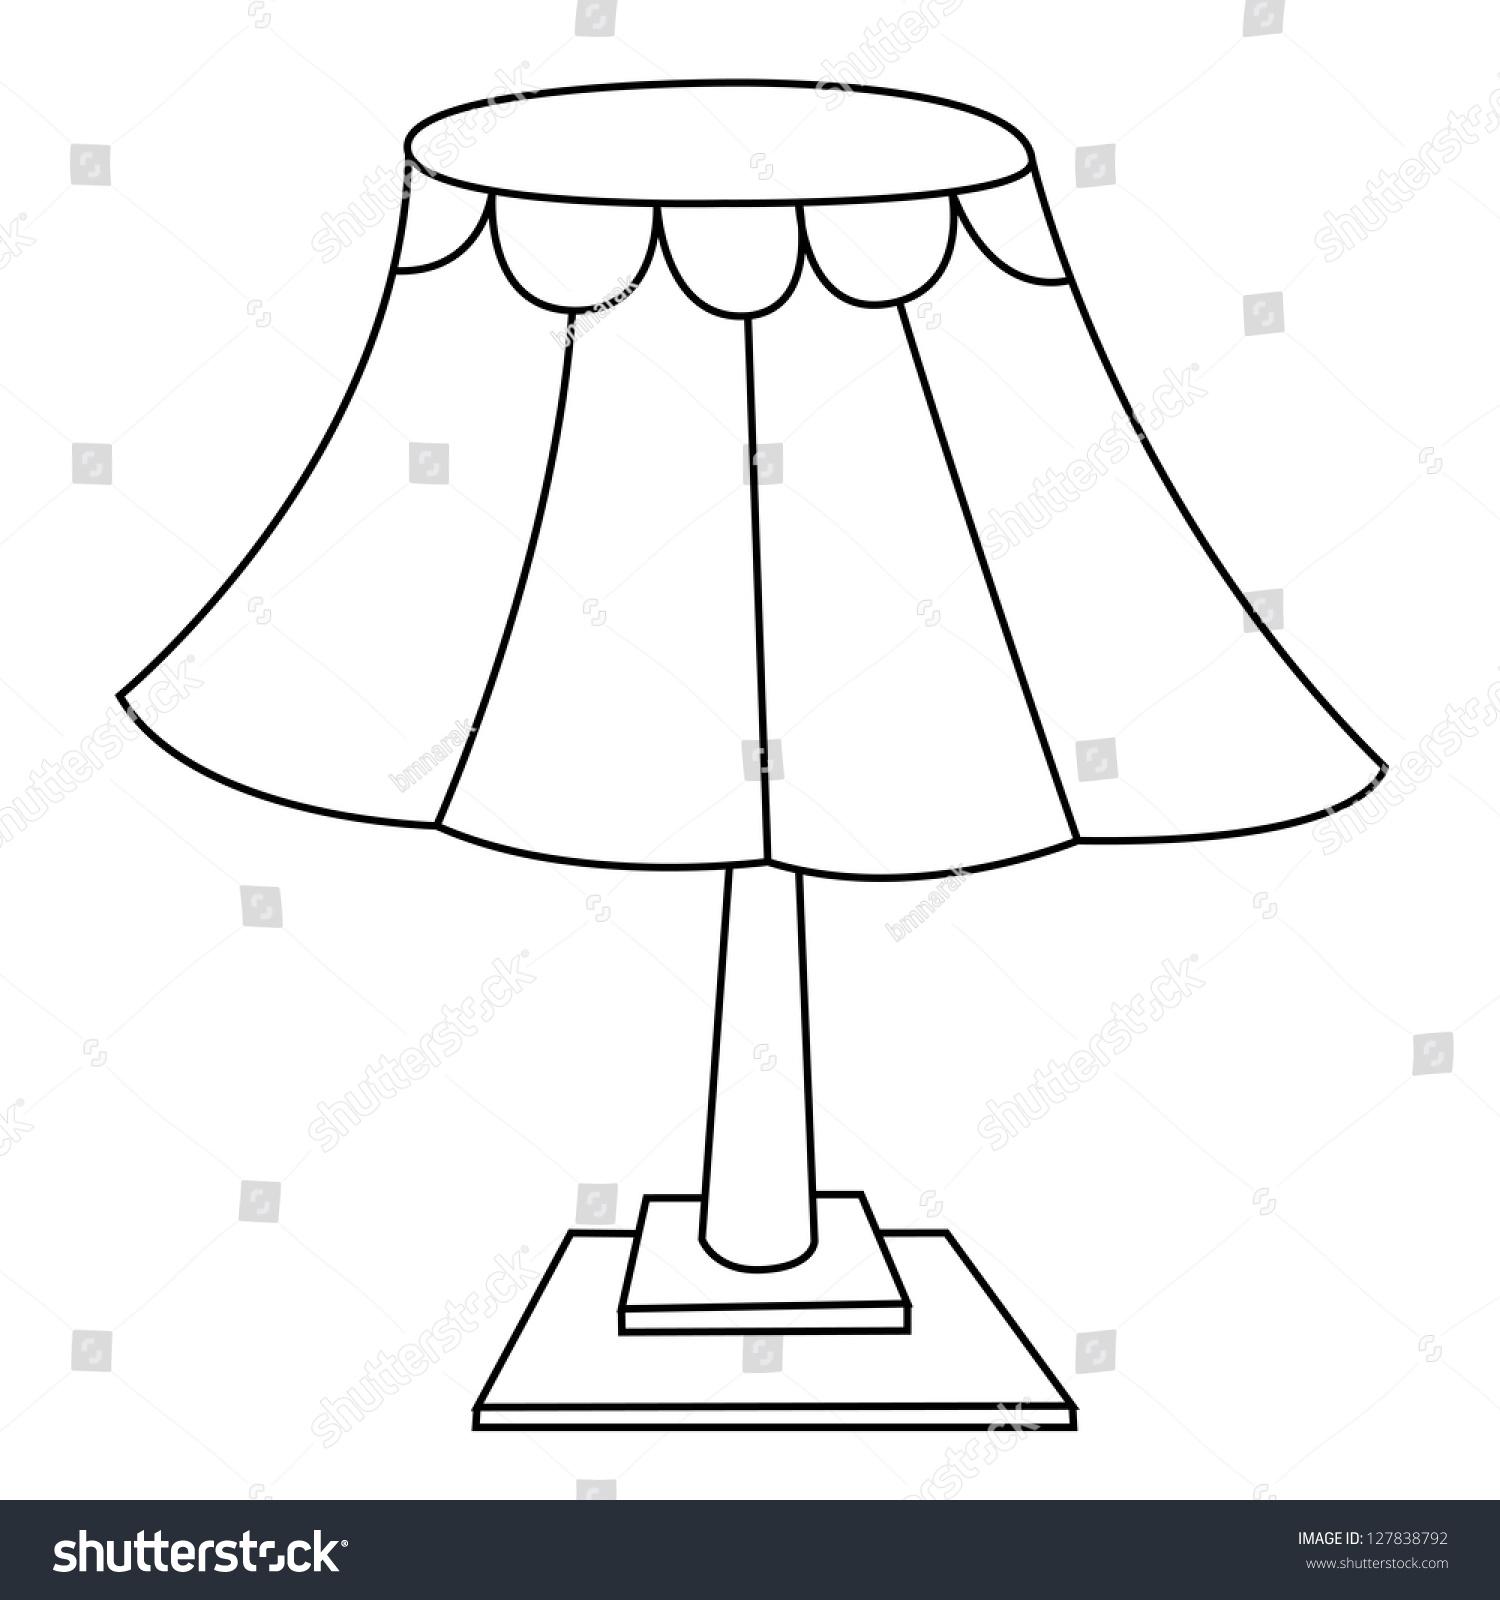 Black Outline Vector Lamp On White Stock 127838792